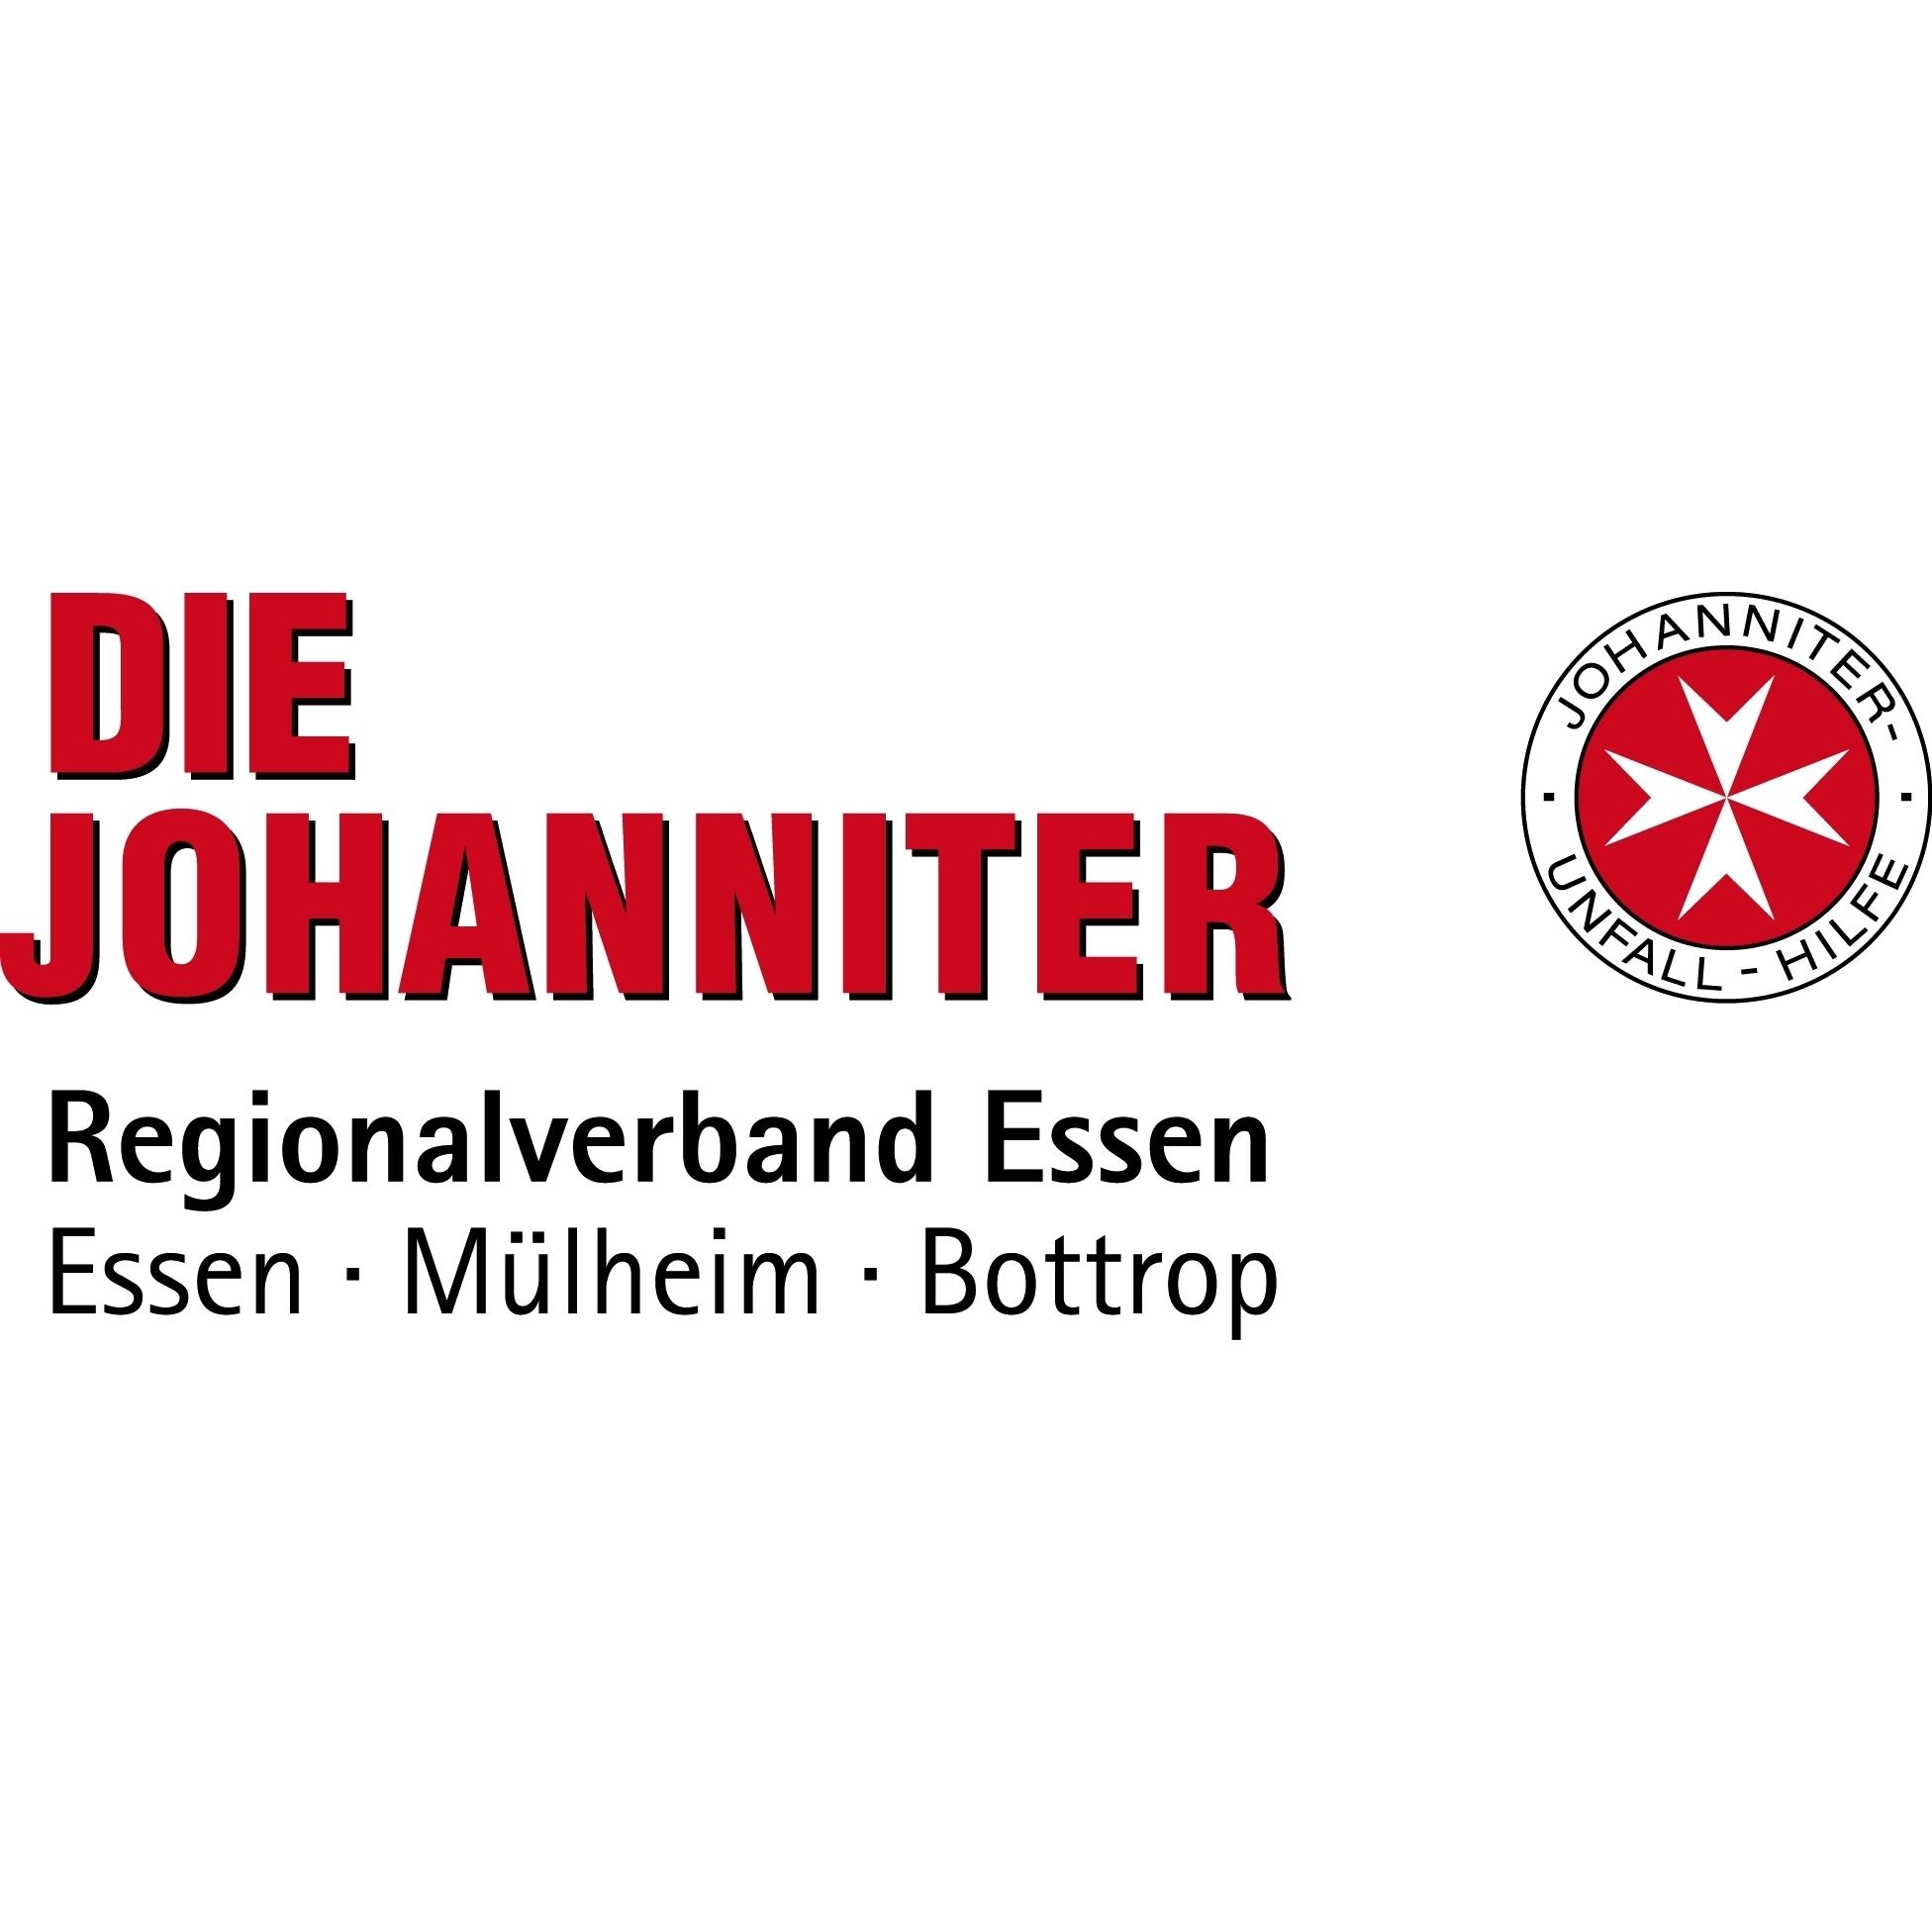 Bild zu Johanniter-Unfall-Hilfe e.V. Regionalverband Essen in Essen